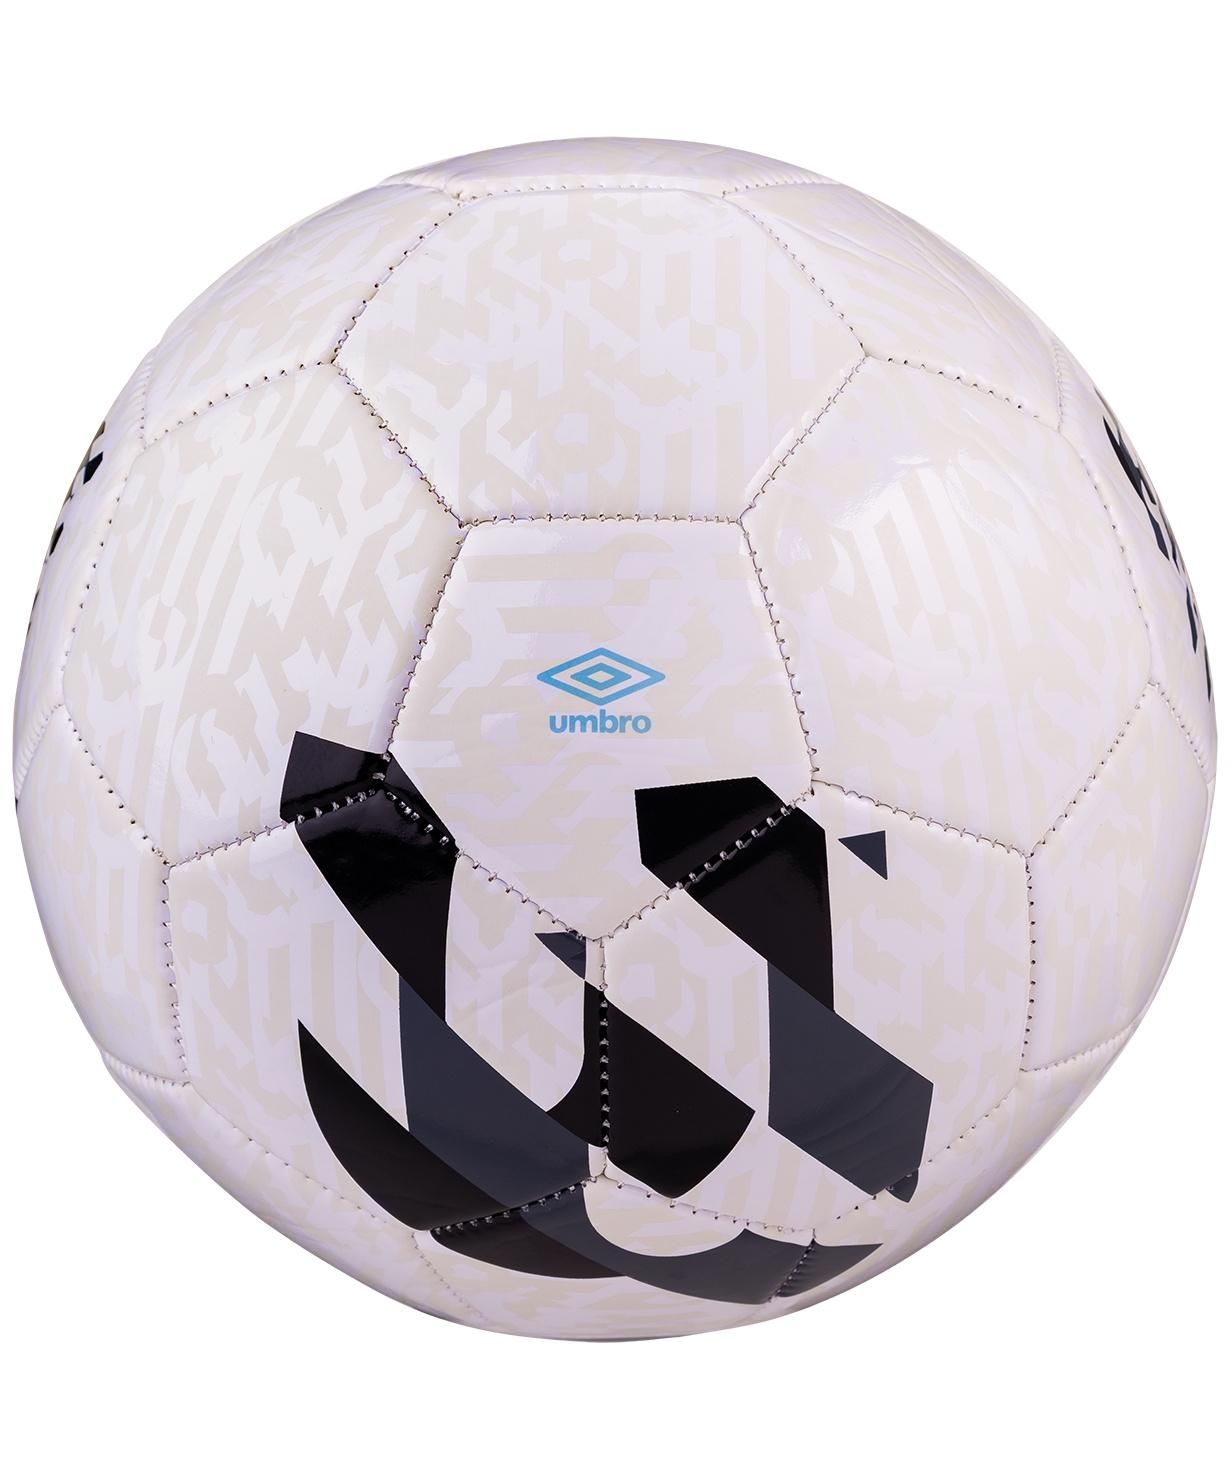 цена Мяч футбольный Umbro Veloce Supporter 20981U, Размер 5, белый/темно-серый/черный/голубой (5) онлайн в 2017 году